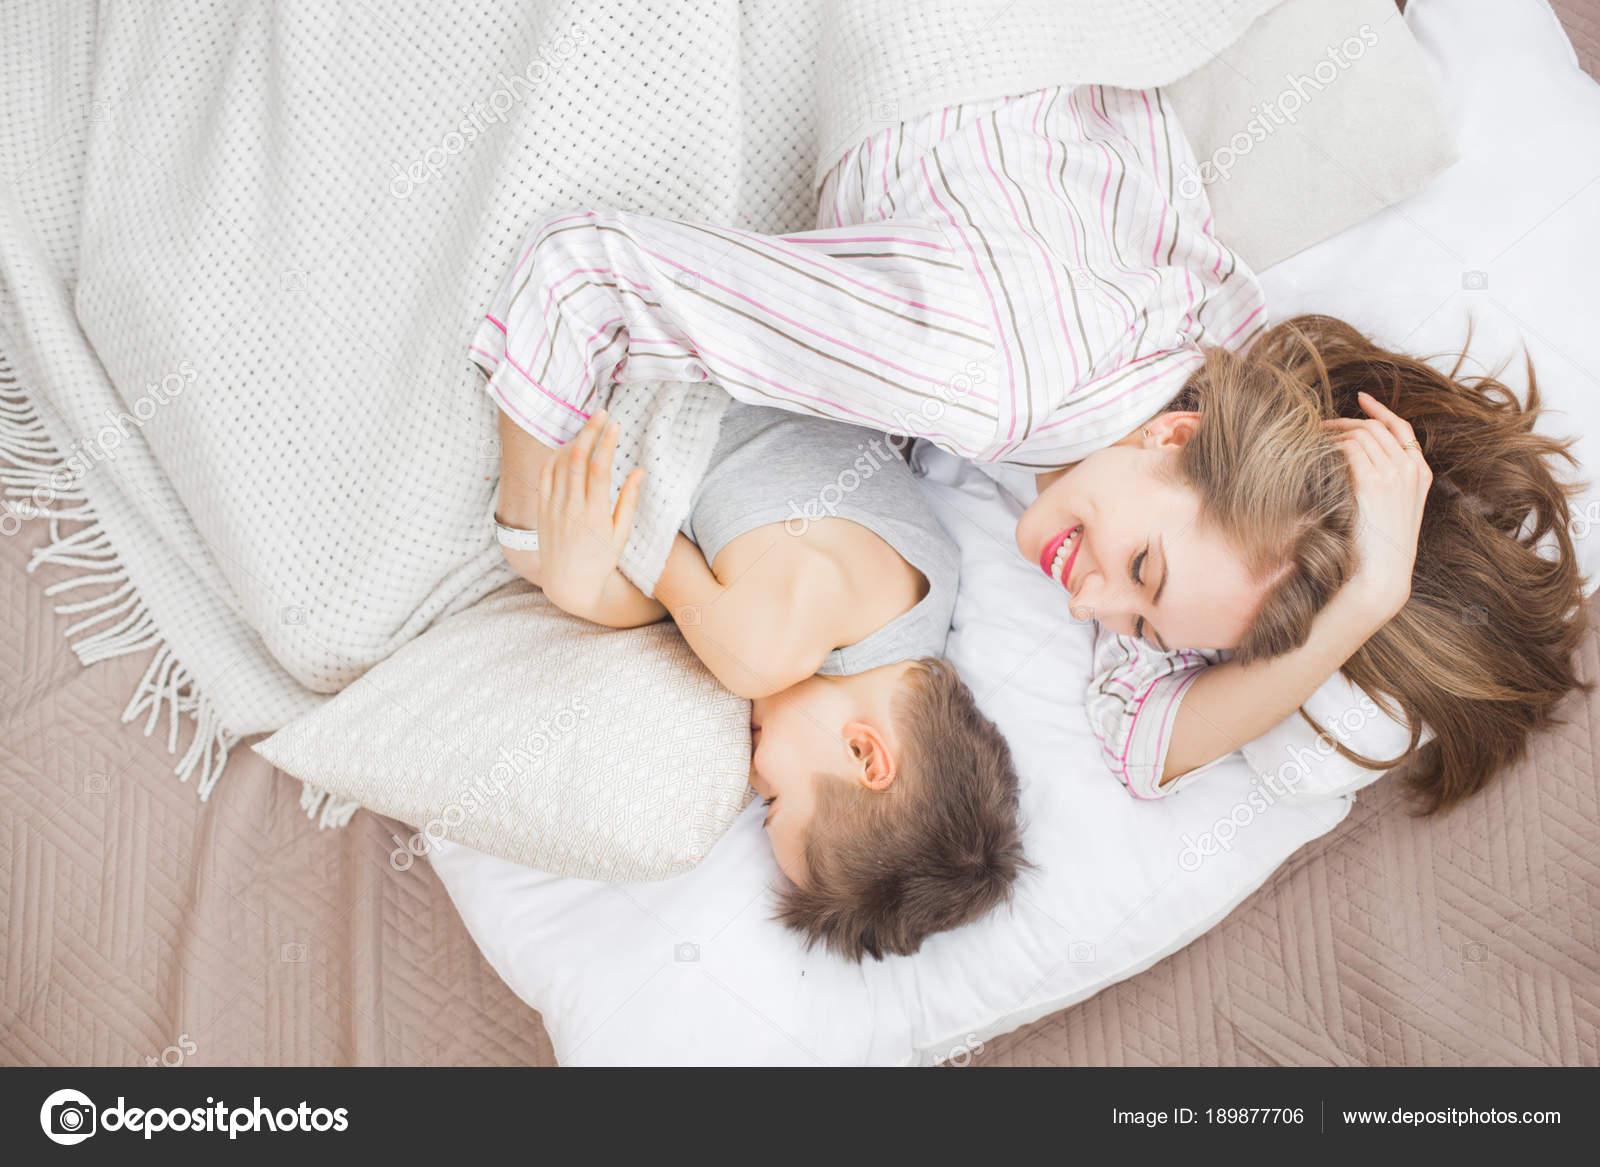 Трахнул маму в рот пока она спит, Сын выебал спящую мать в рот (видео) 25 фотография